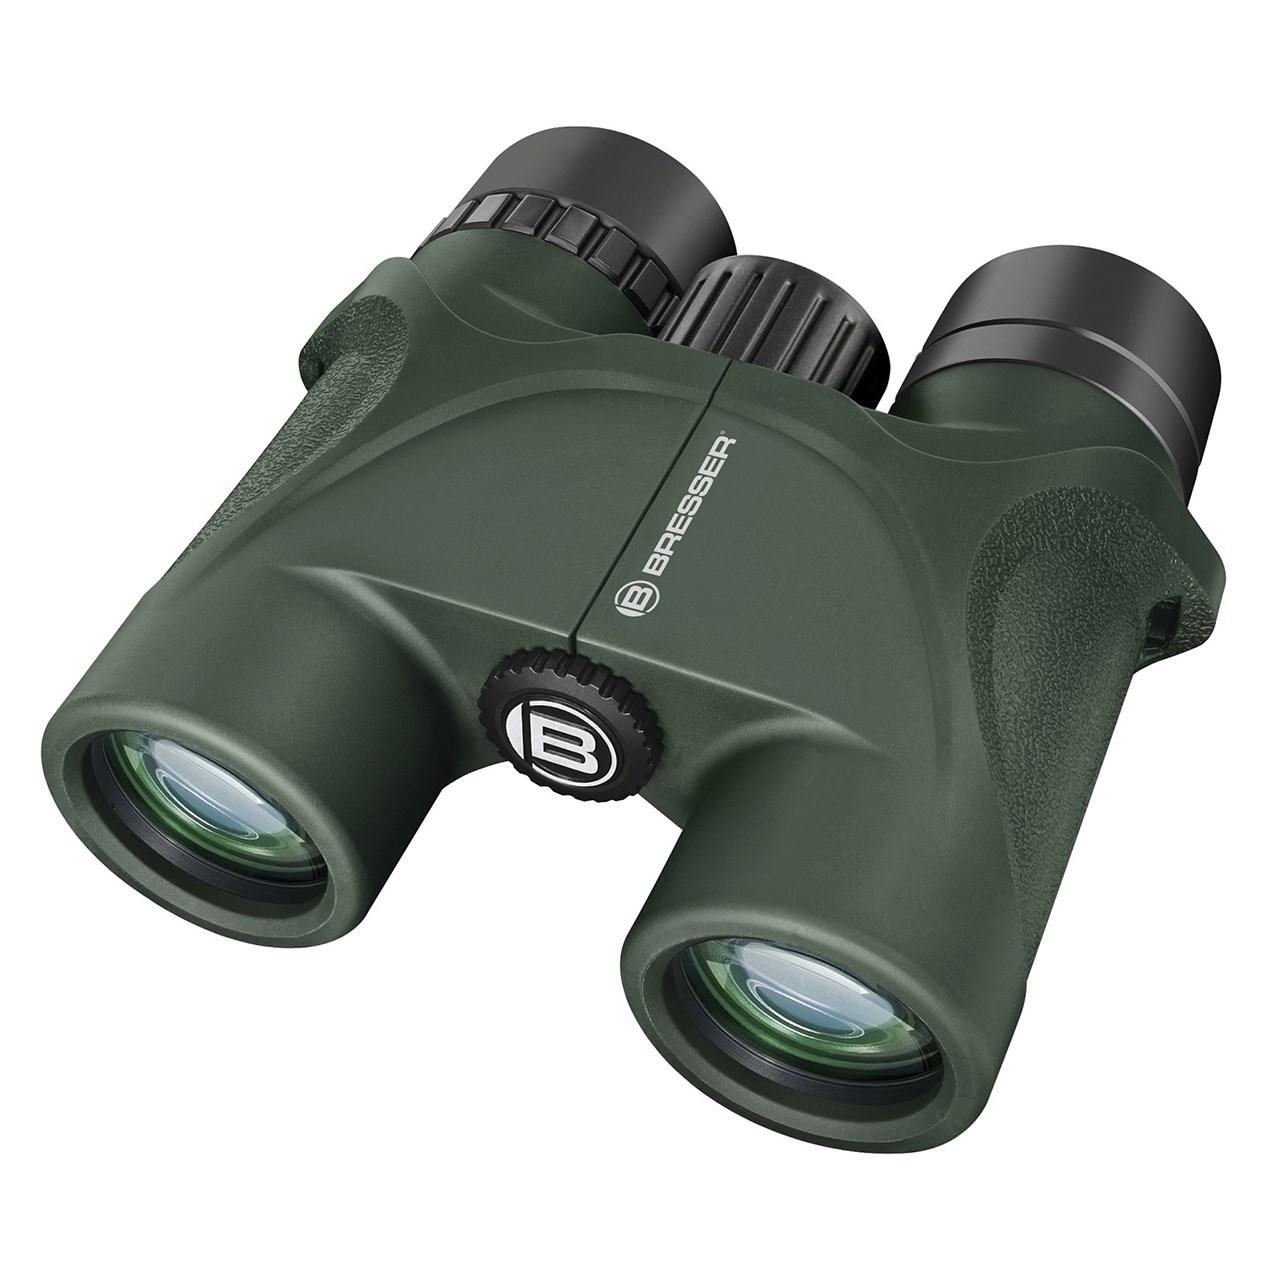 دوربین دوچشمی برسر مدل Condor 10X32